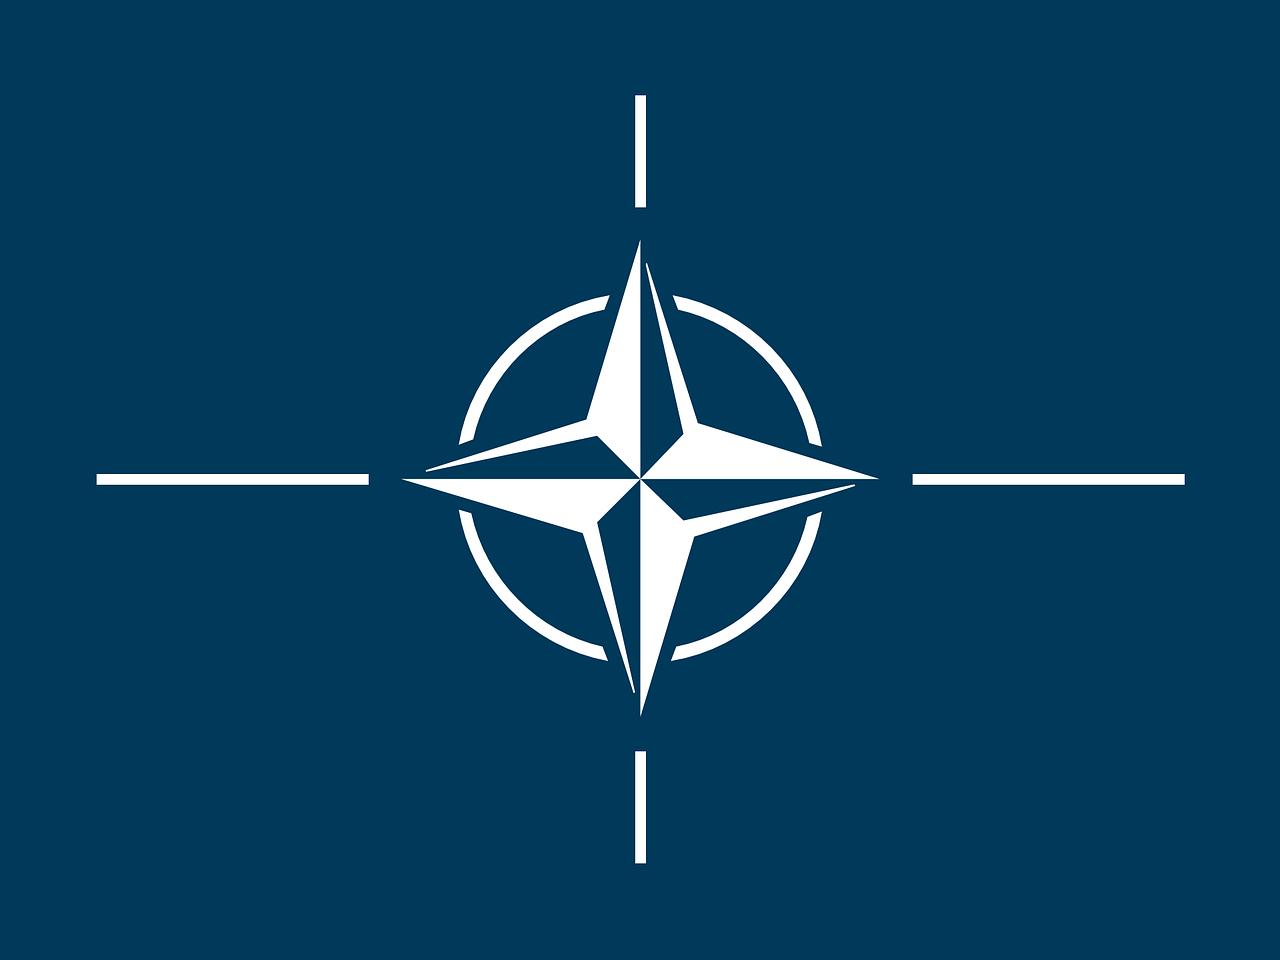 NATO_zaszlo